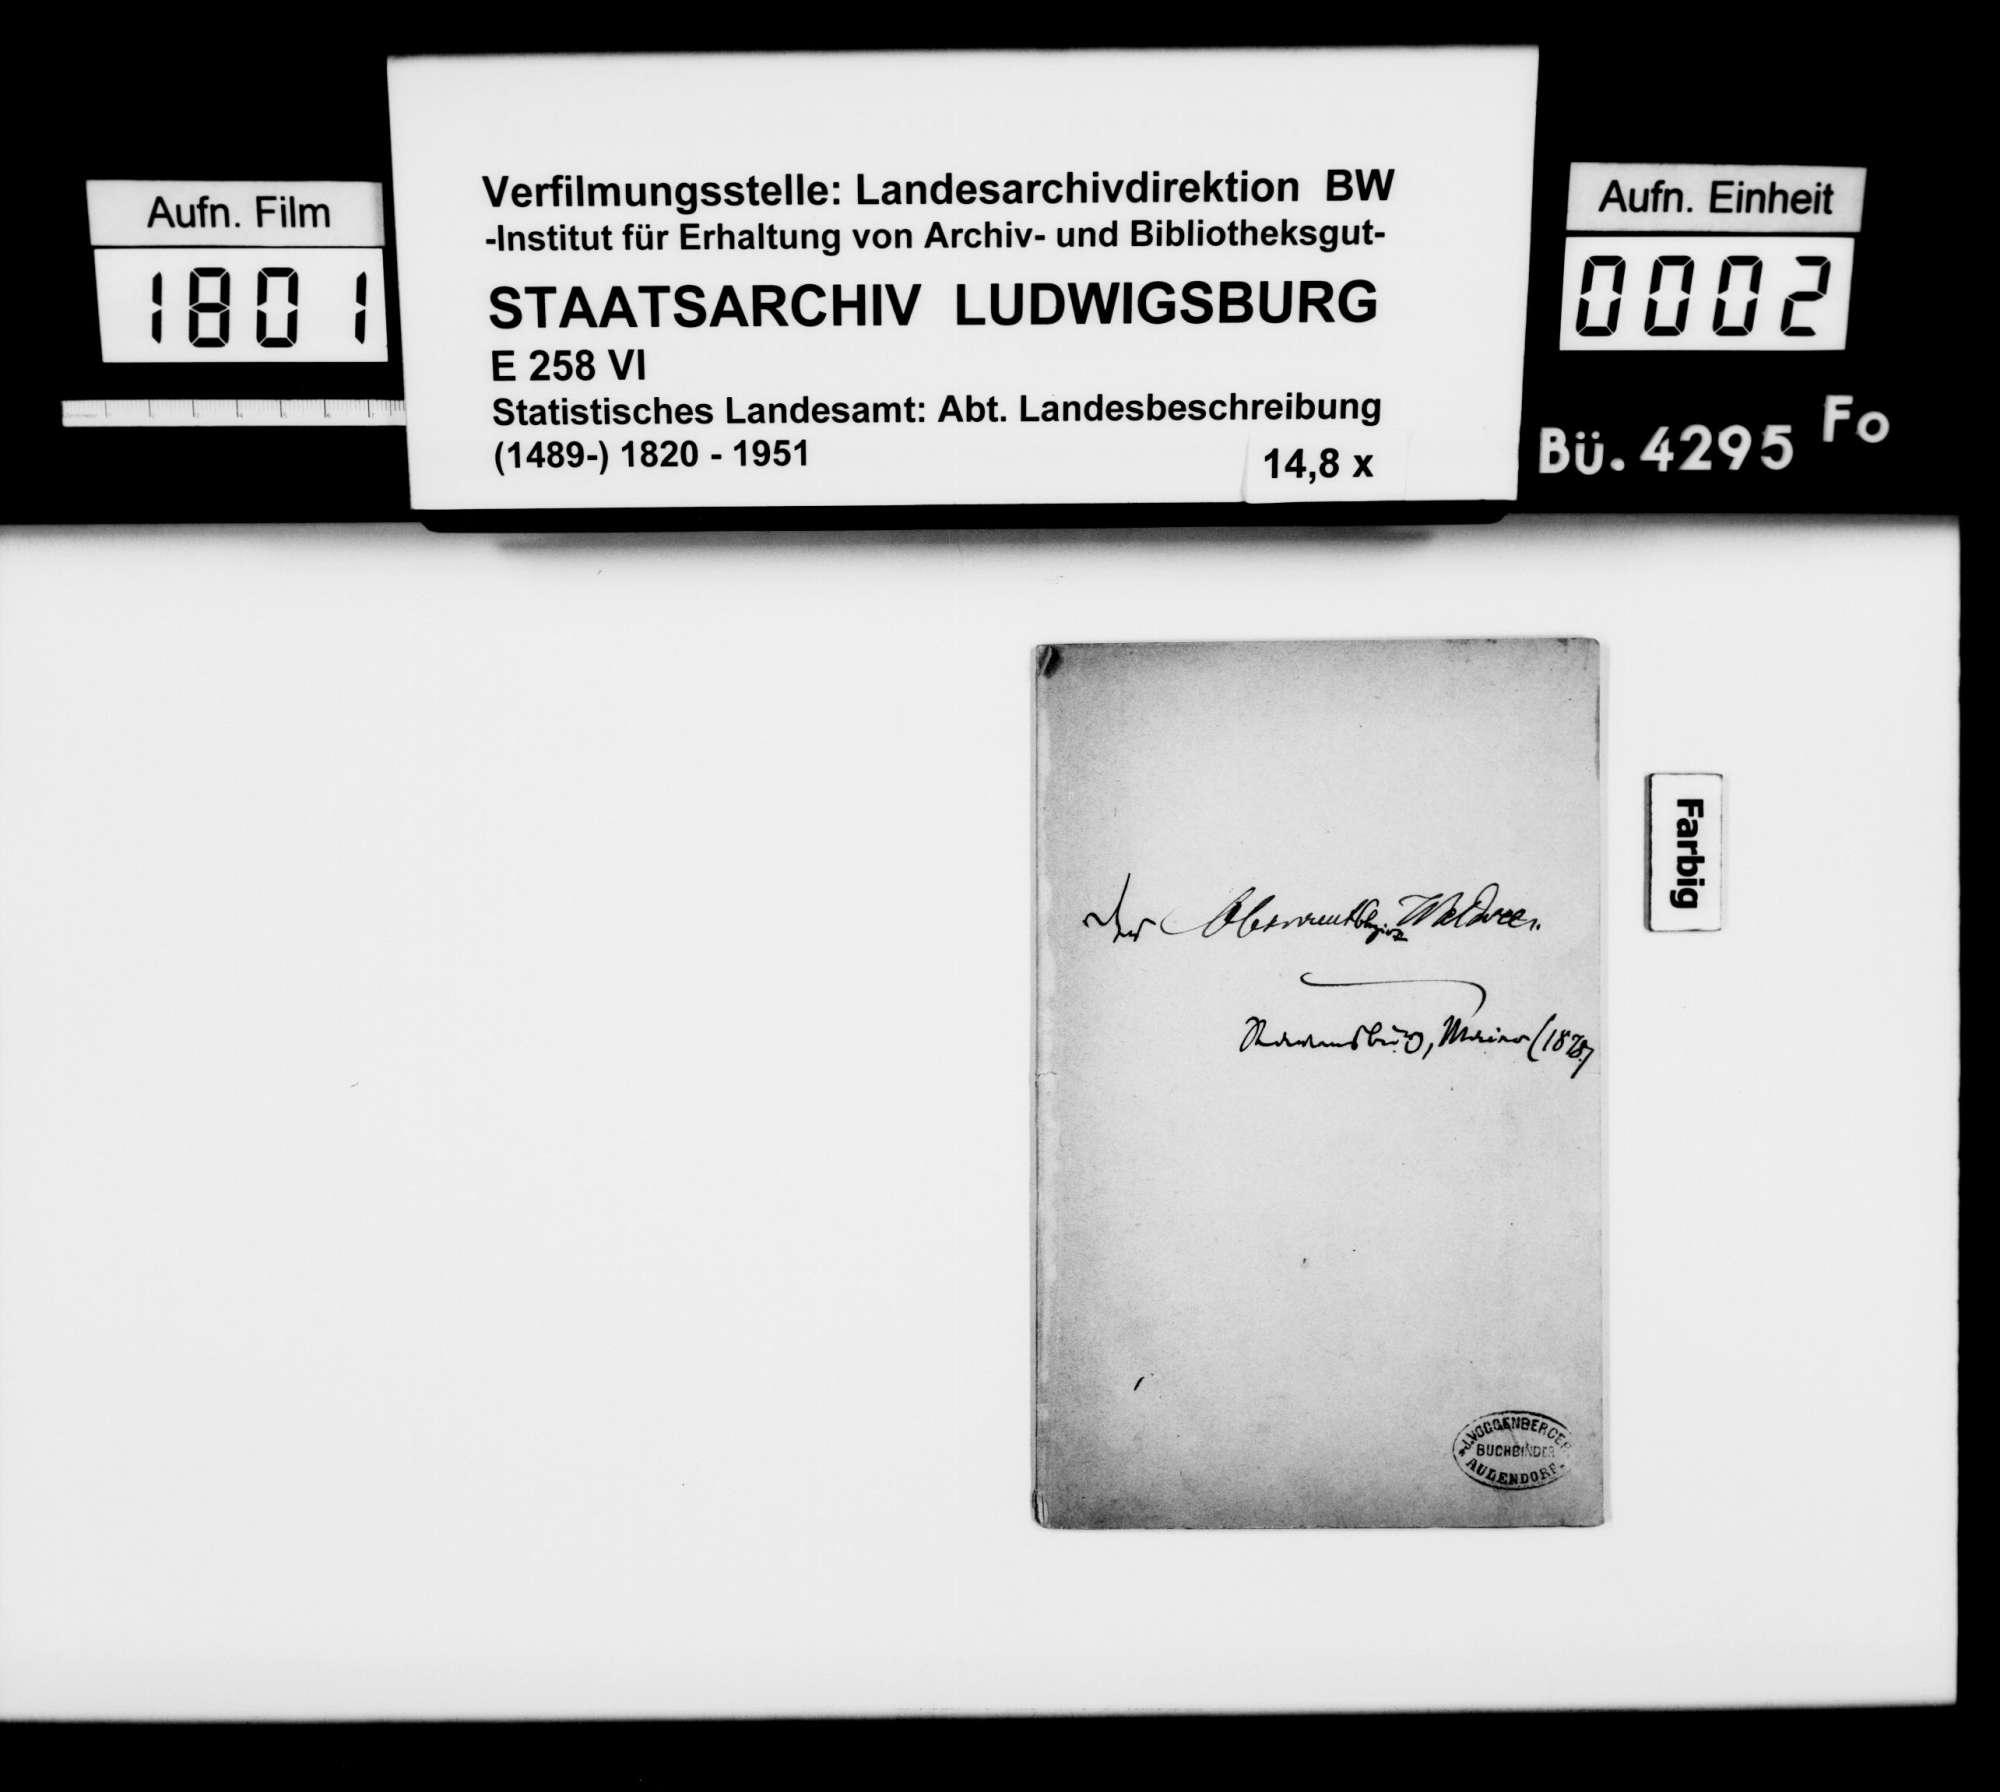 Sammlung von Drucken für eine Neubearbeitung der OAB, Bild 1